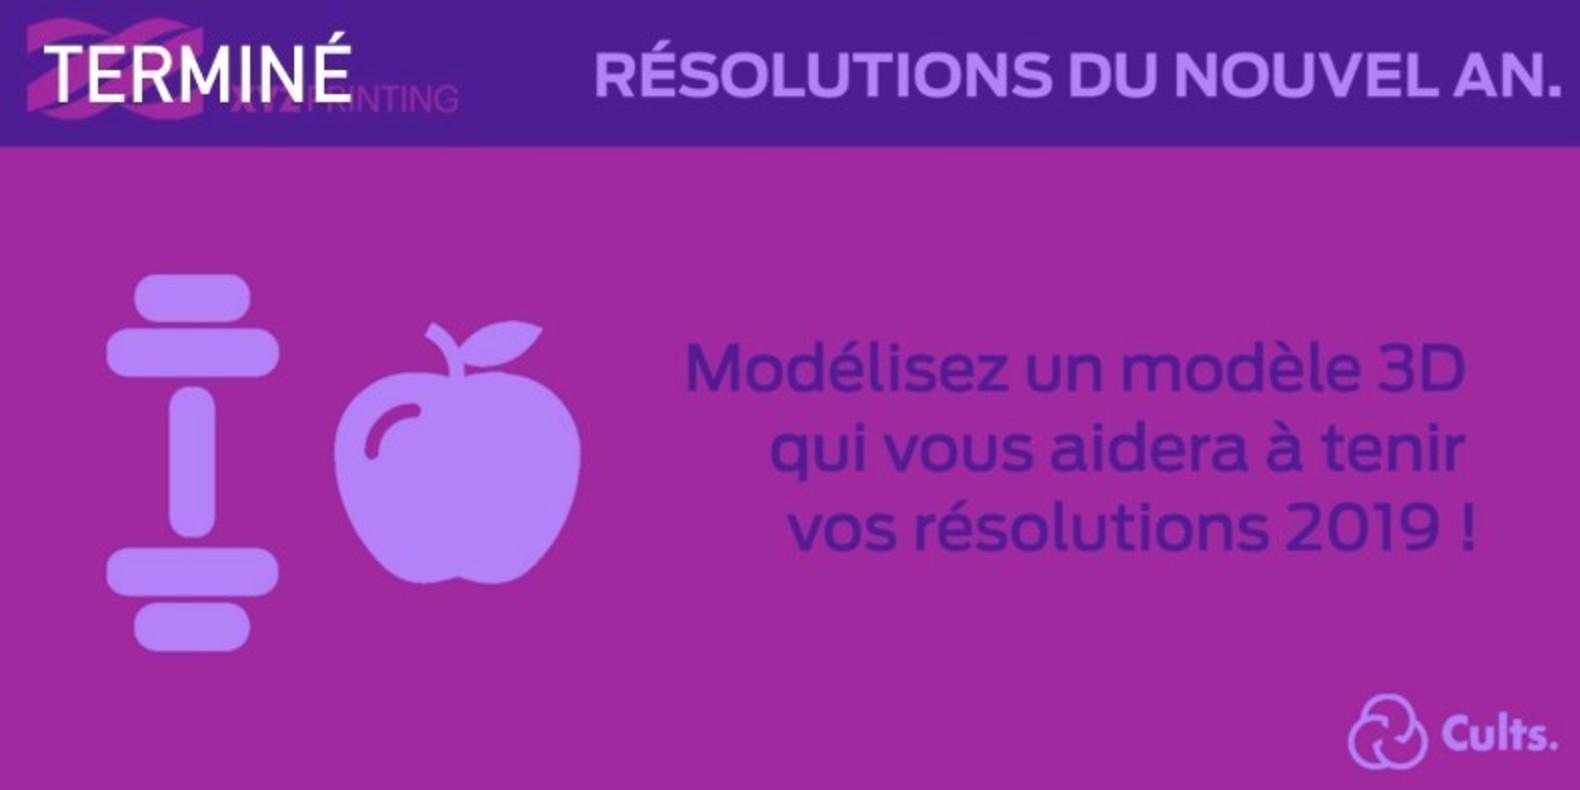 Le challenge du design et de l'impression 3D autour des résolutions du Nouvel An.